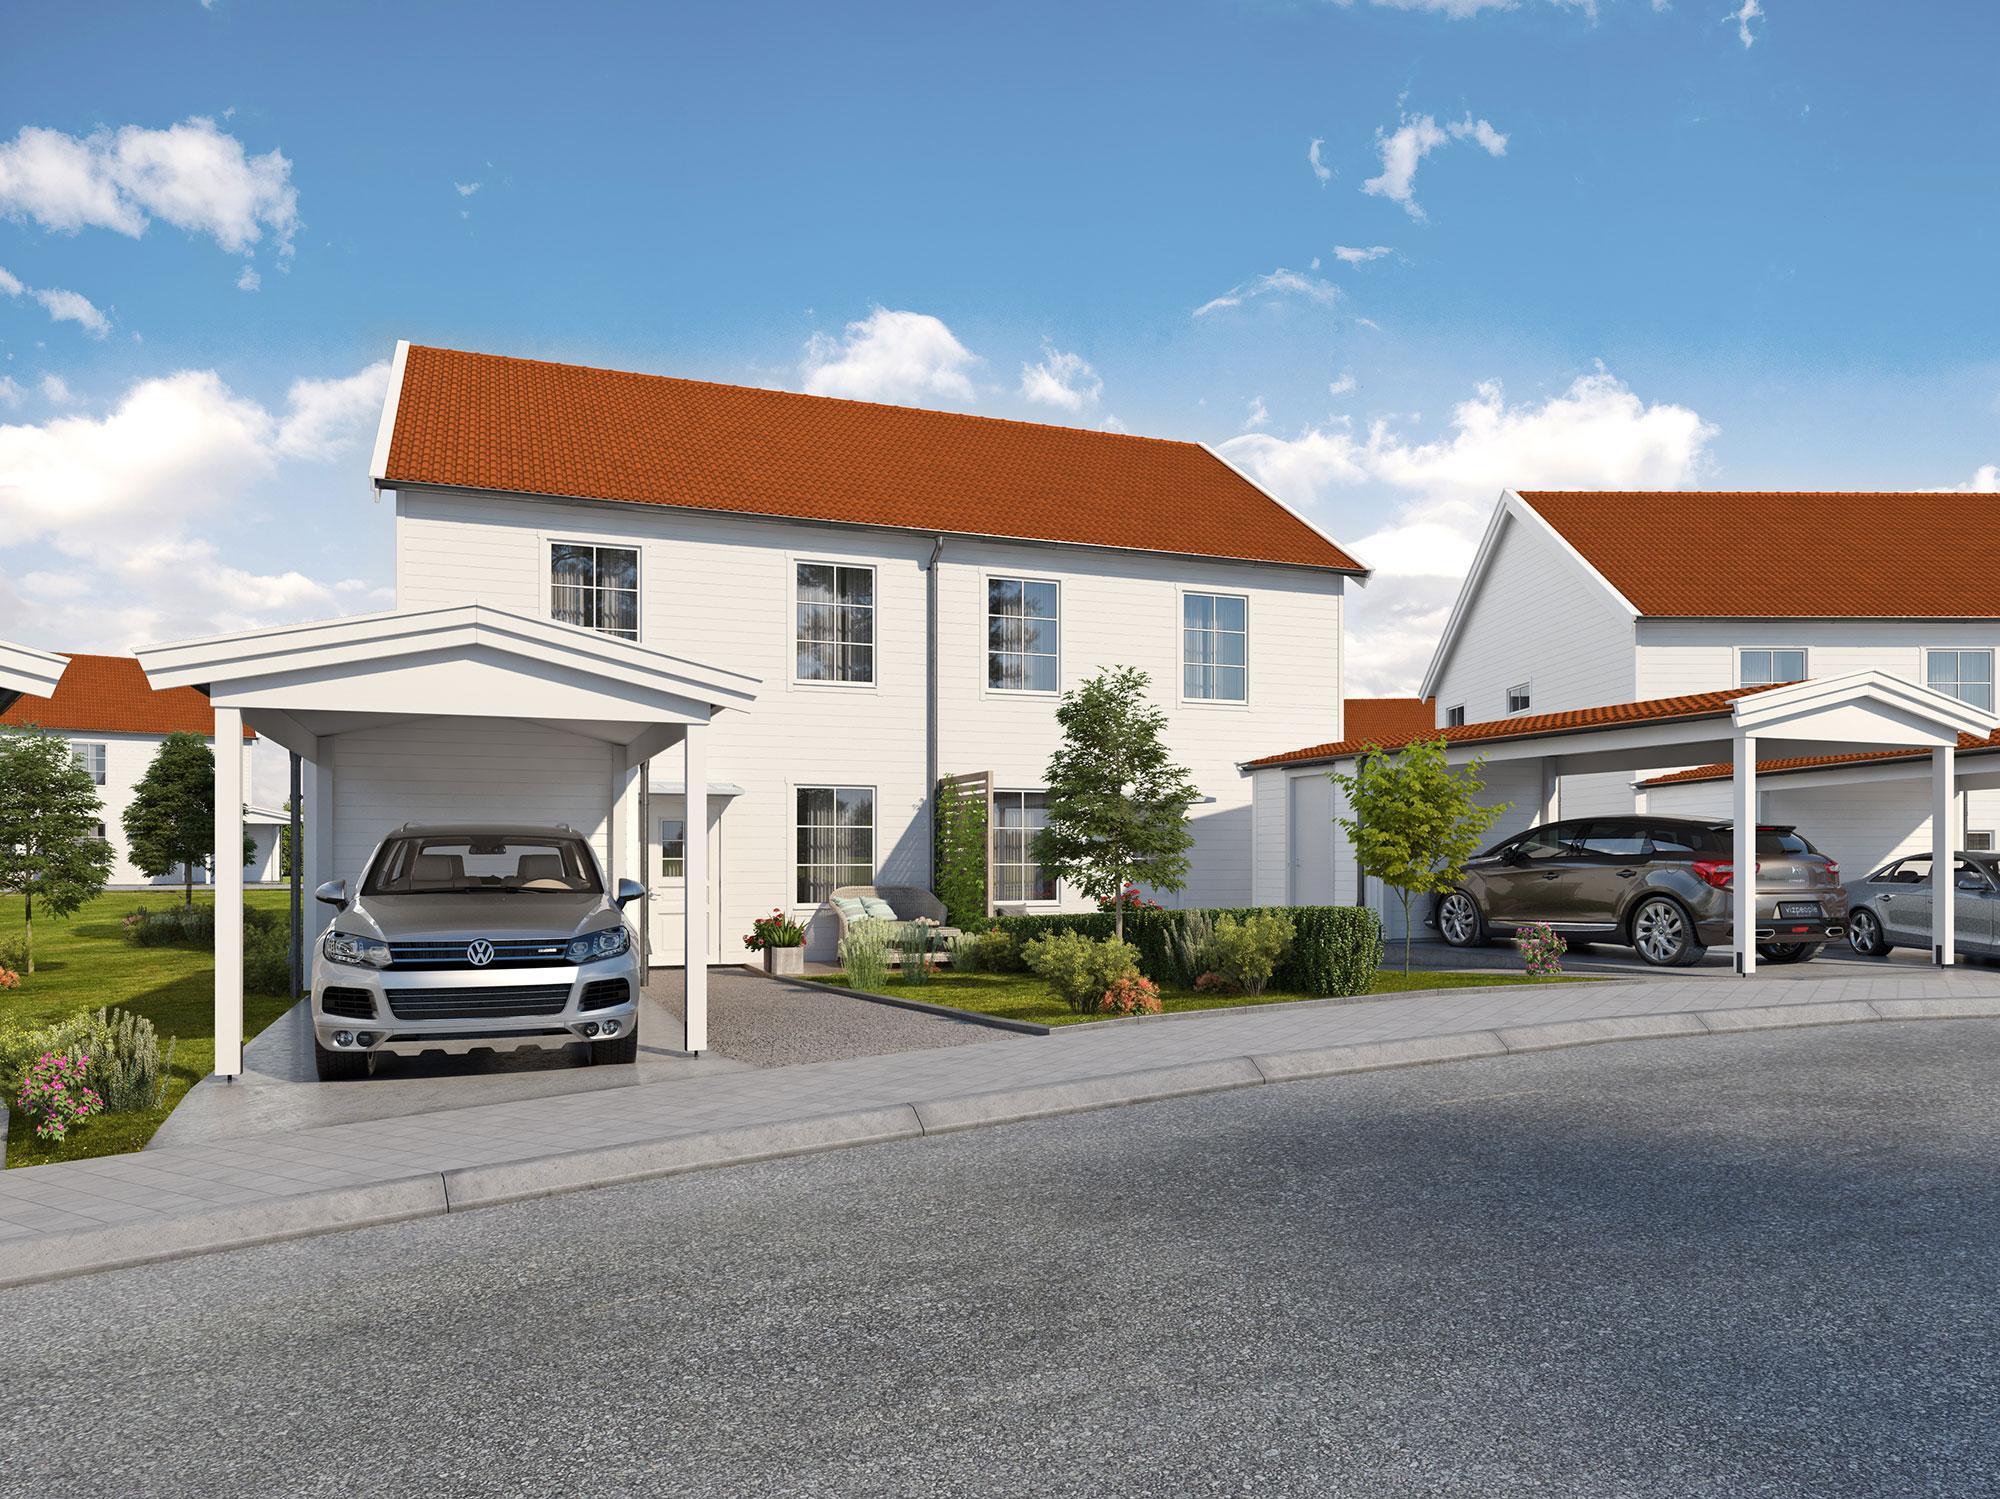 Parhus liknande dem i Uvbergsviken i Borlänge vill Framfast nu också bygga i Gustafs. Illustration: Framfast